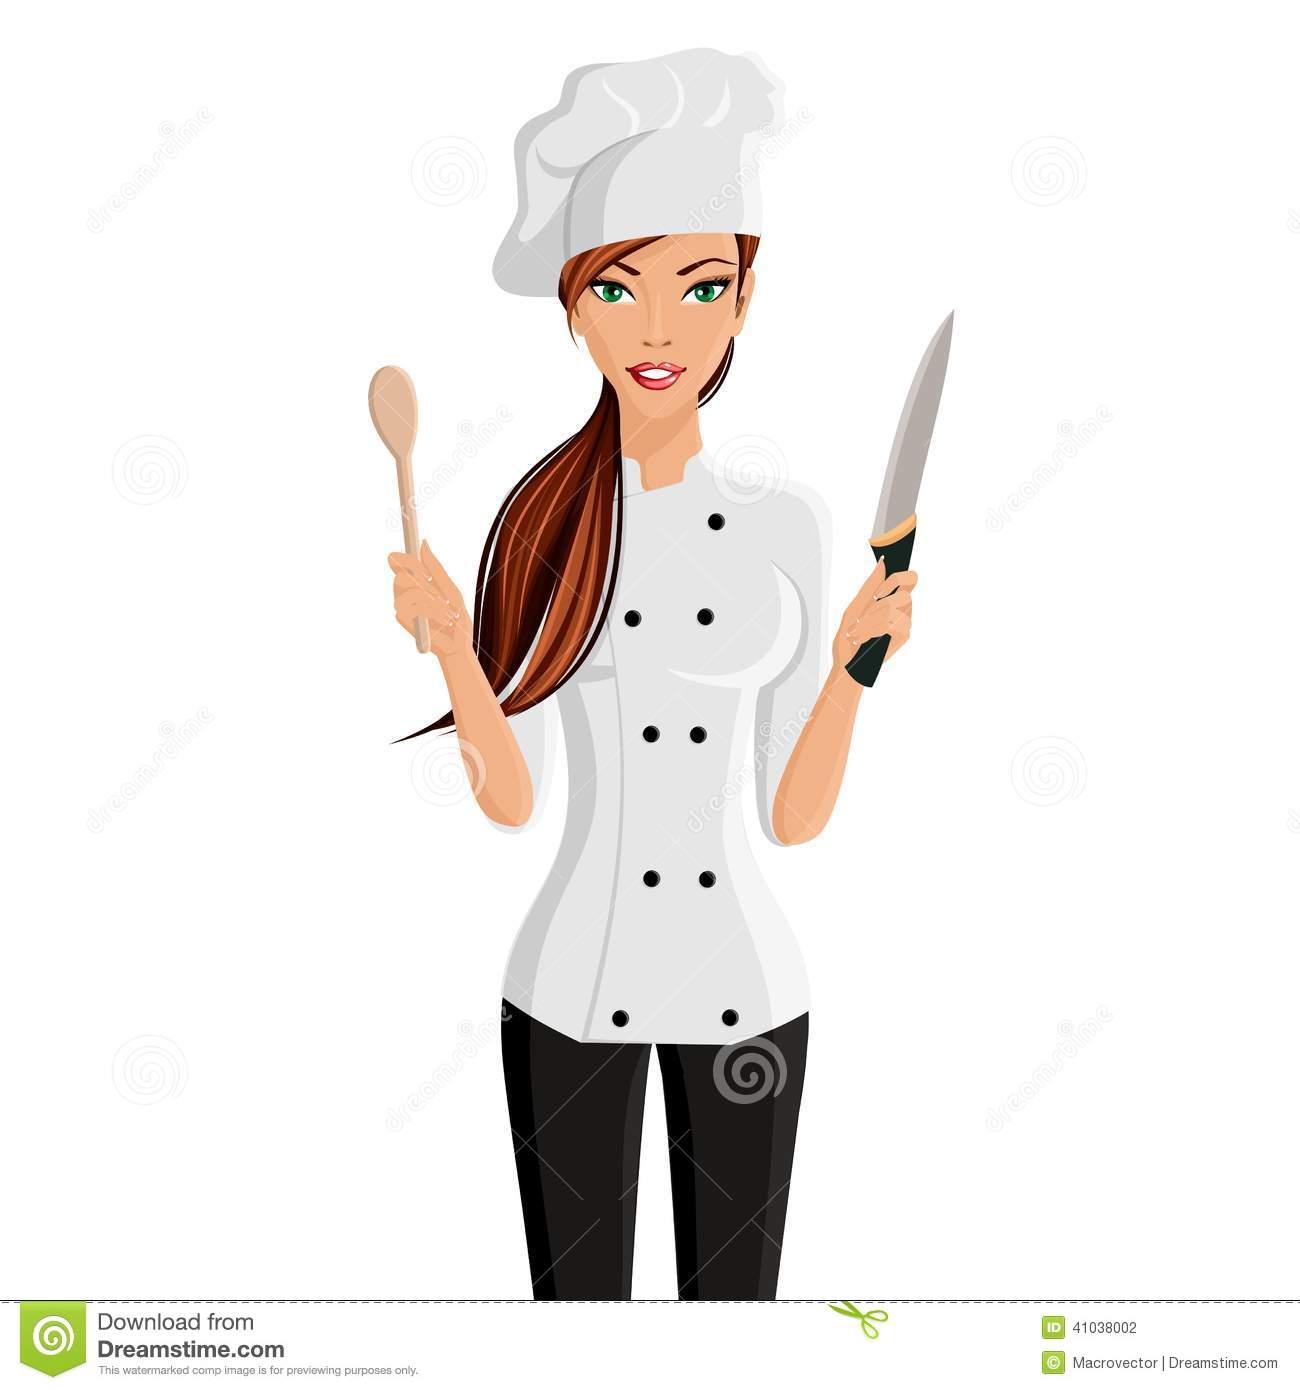 Chef cliparts.